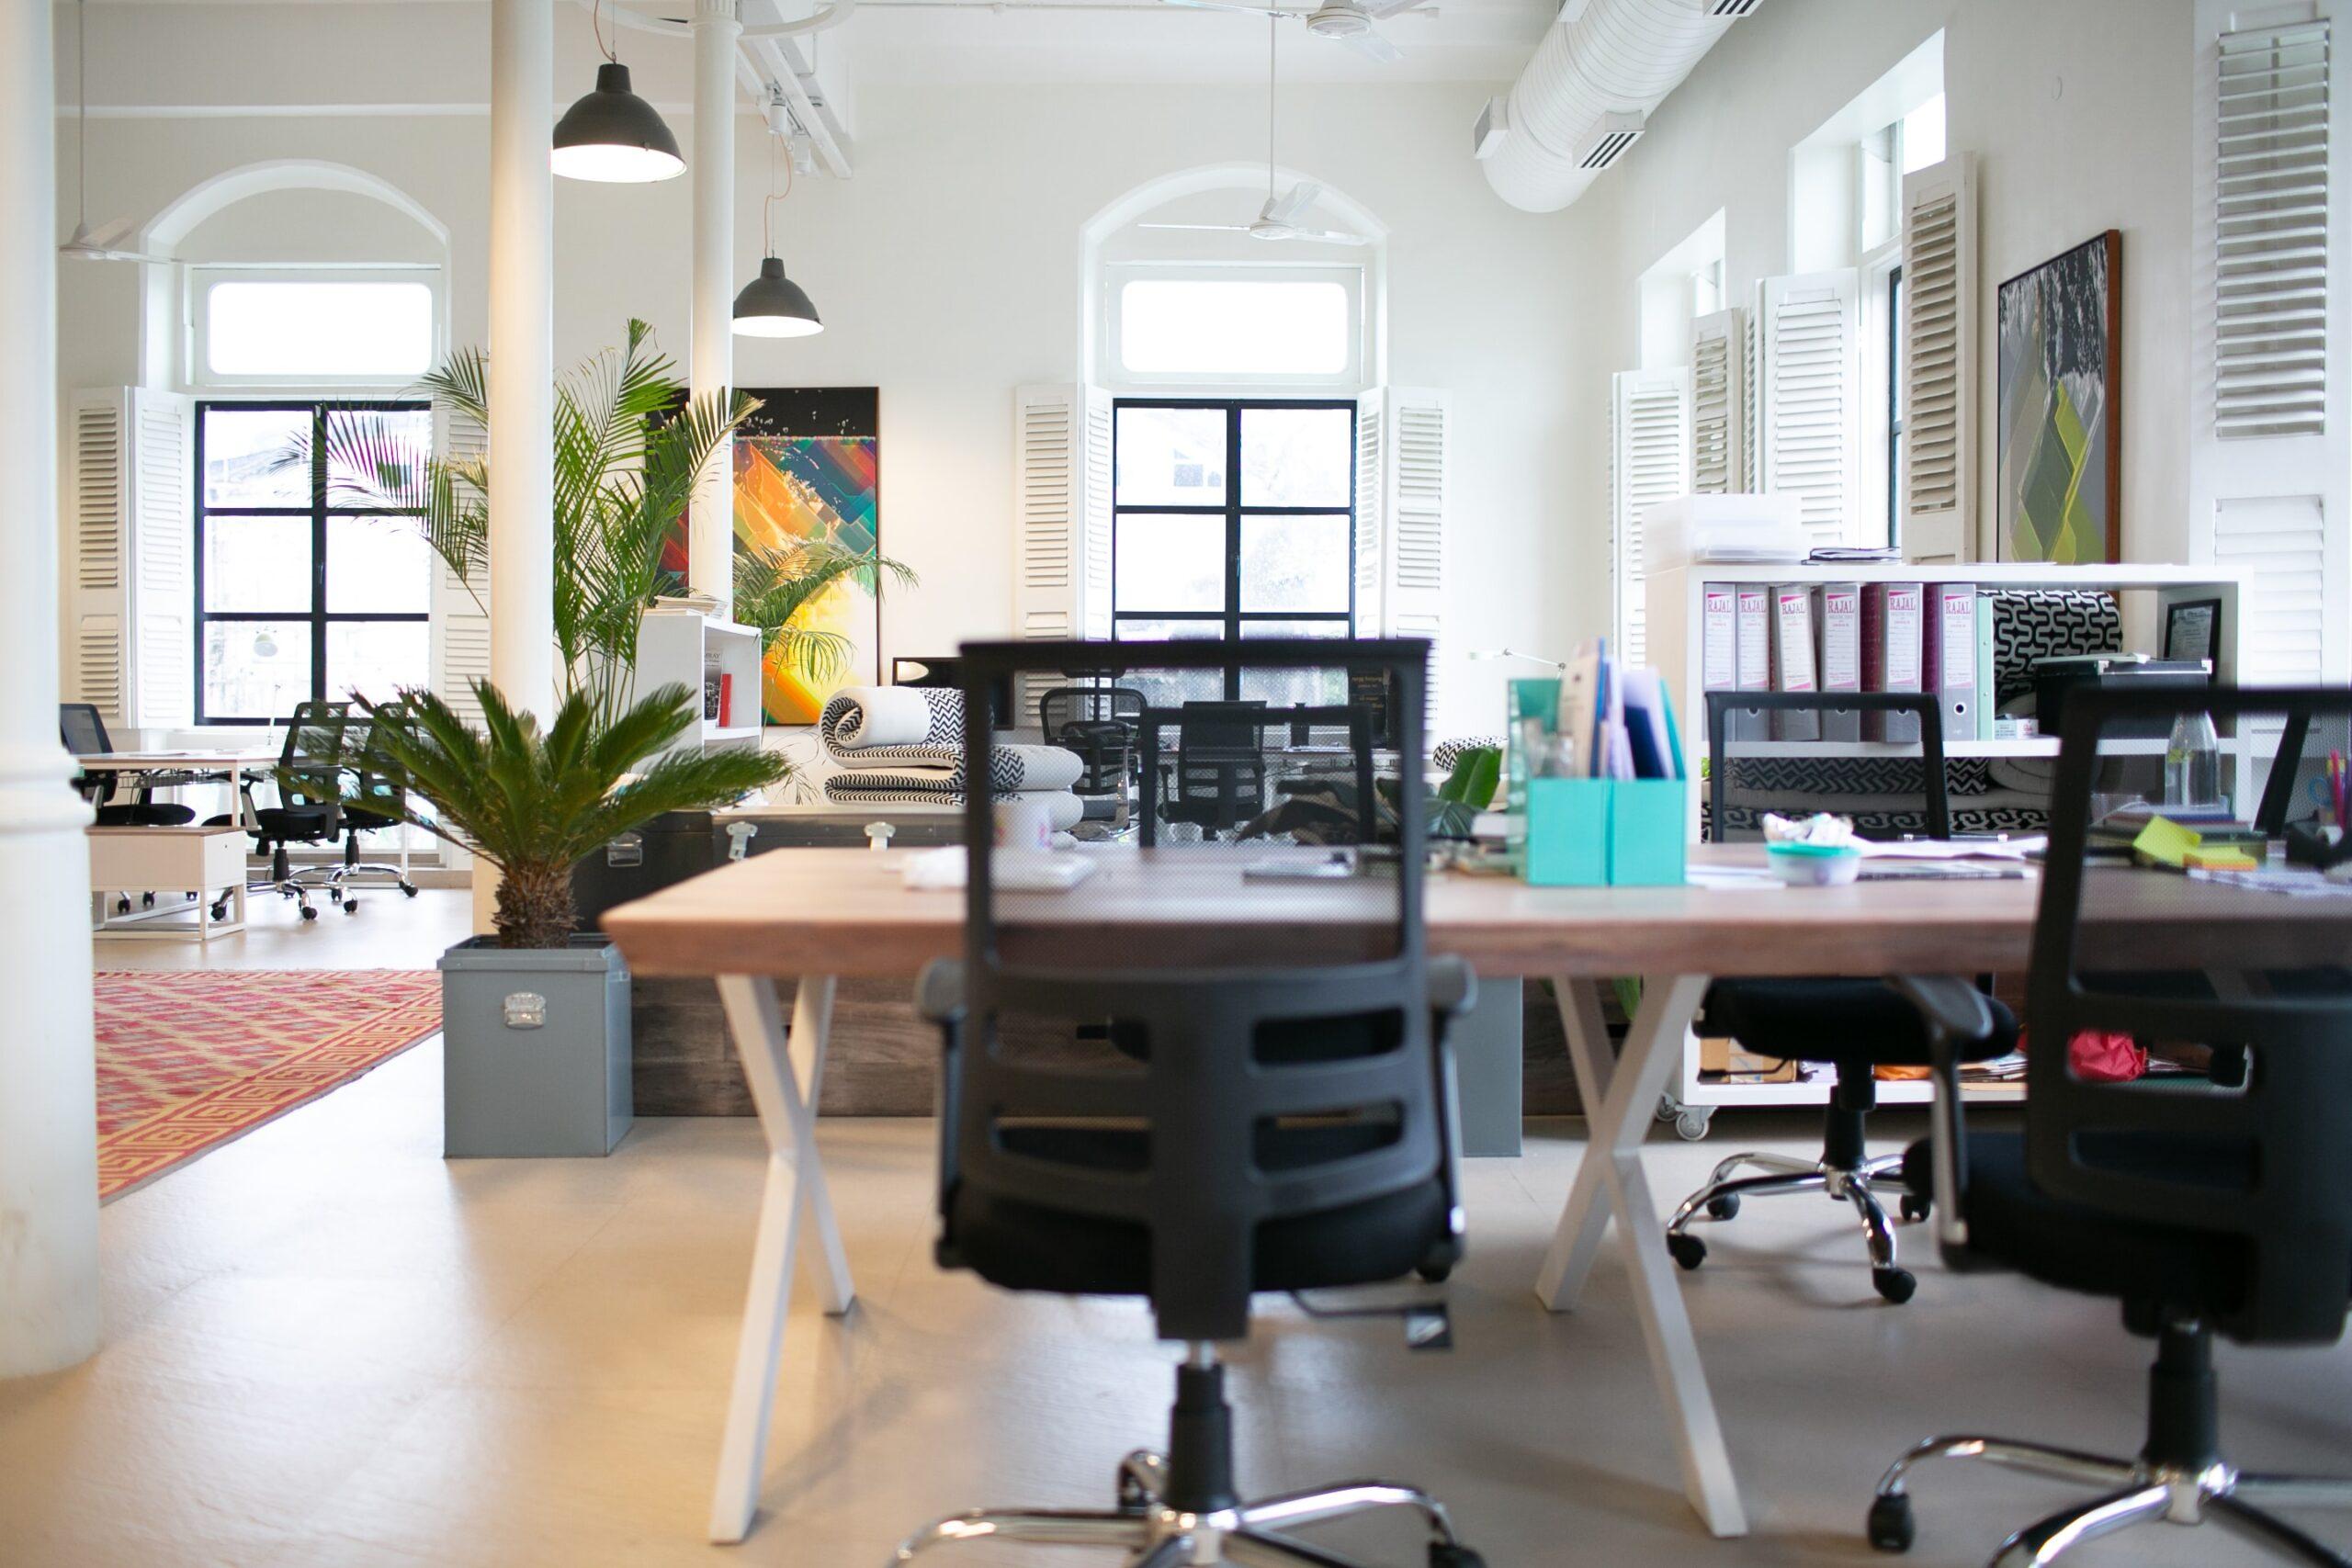 オフィス移転のプランニングですること②:現オフィスの契約内容を確認する